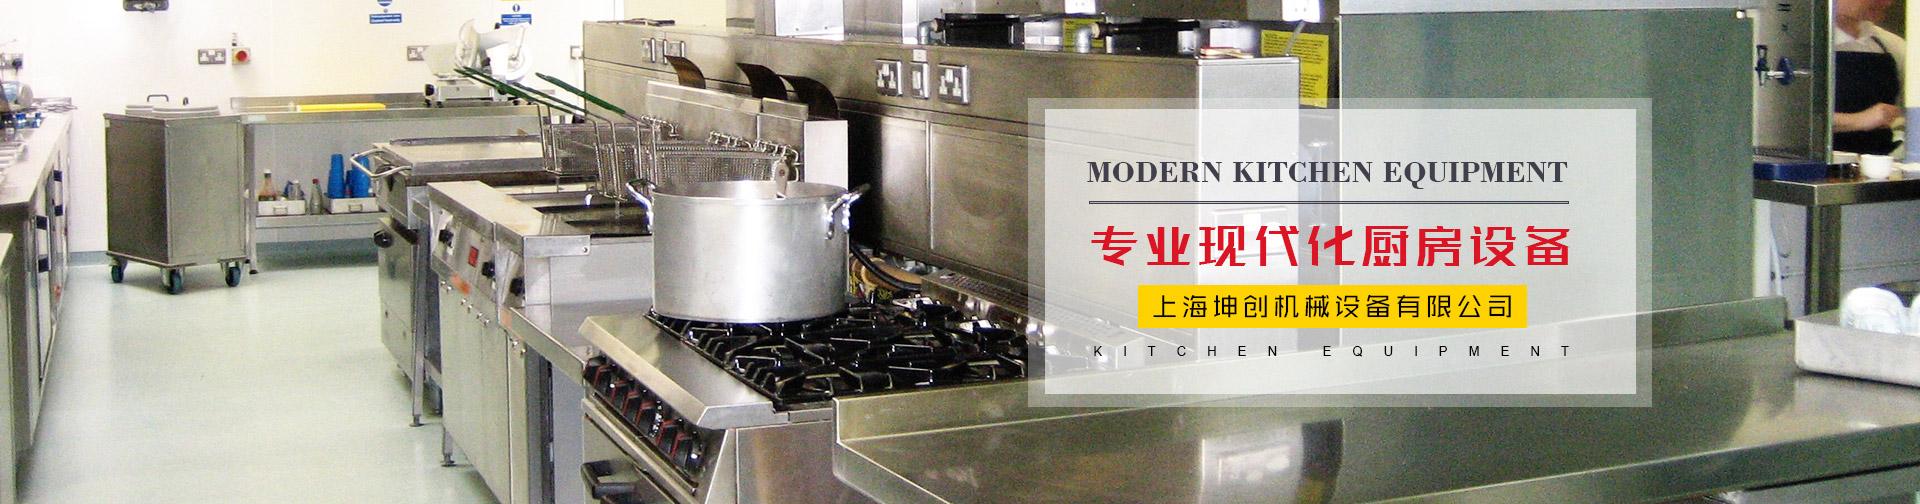 上海食品机械设备